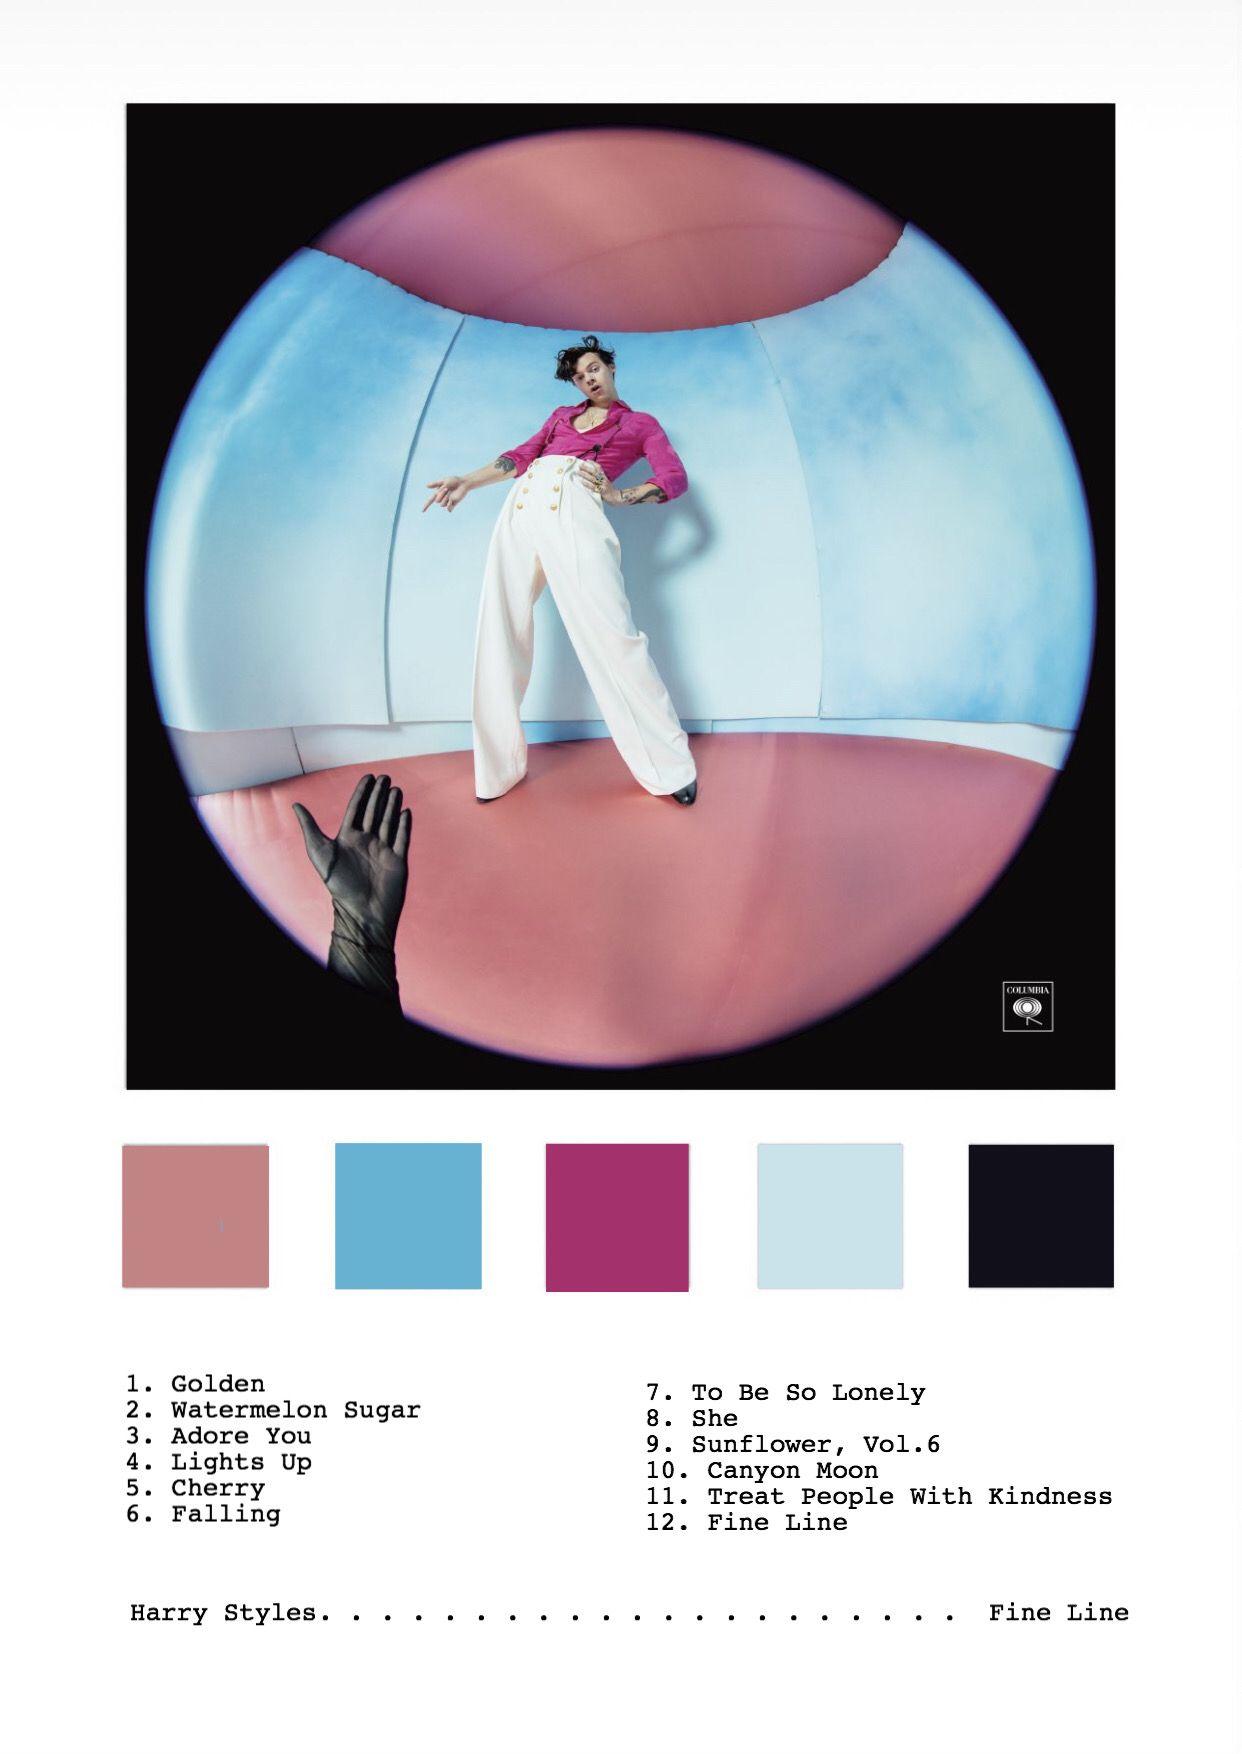 harry styles fine line album print